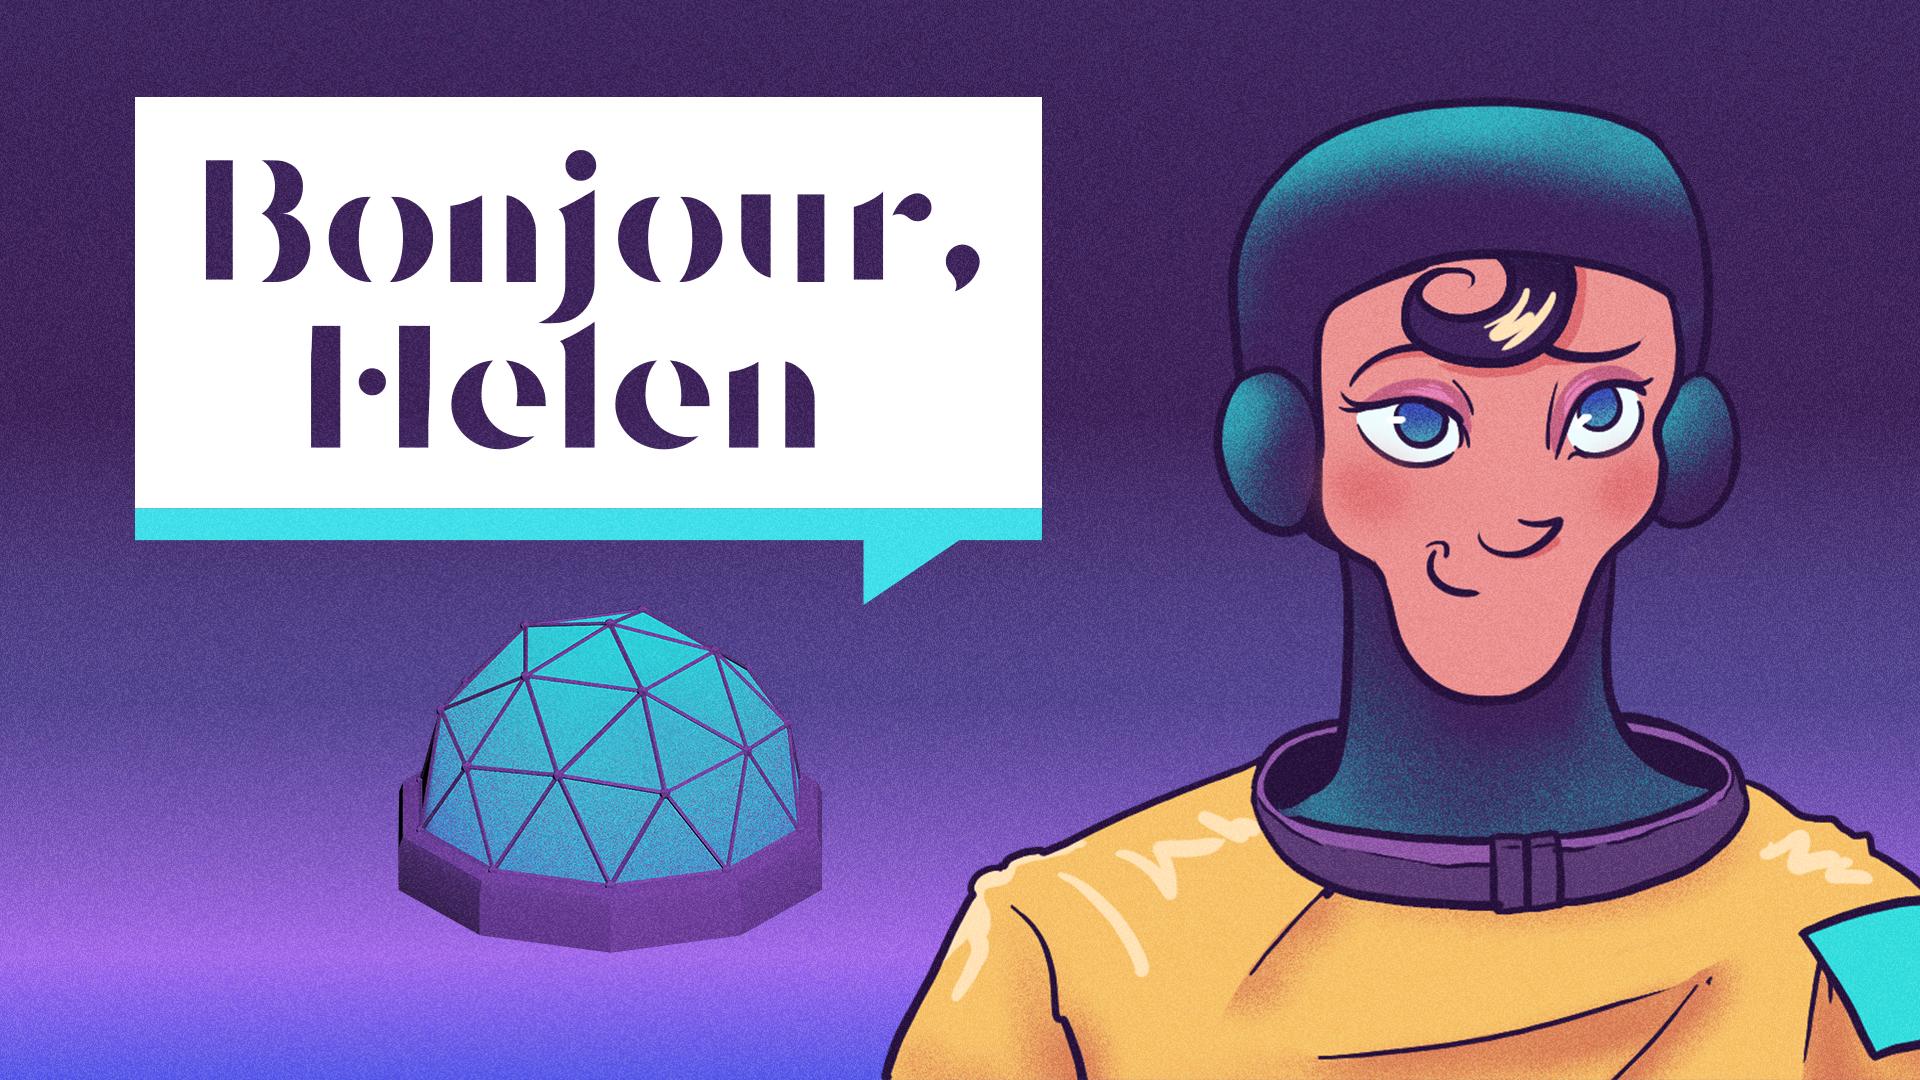 Bonjour, Helen